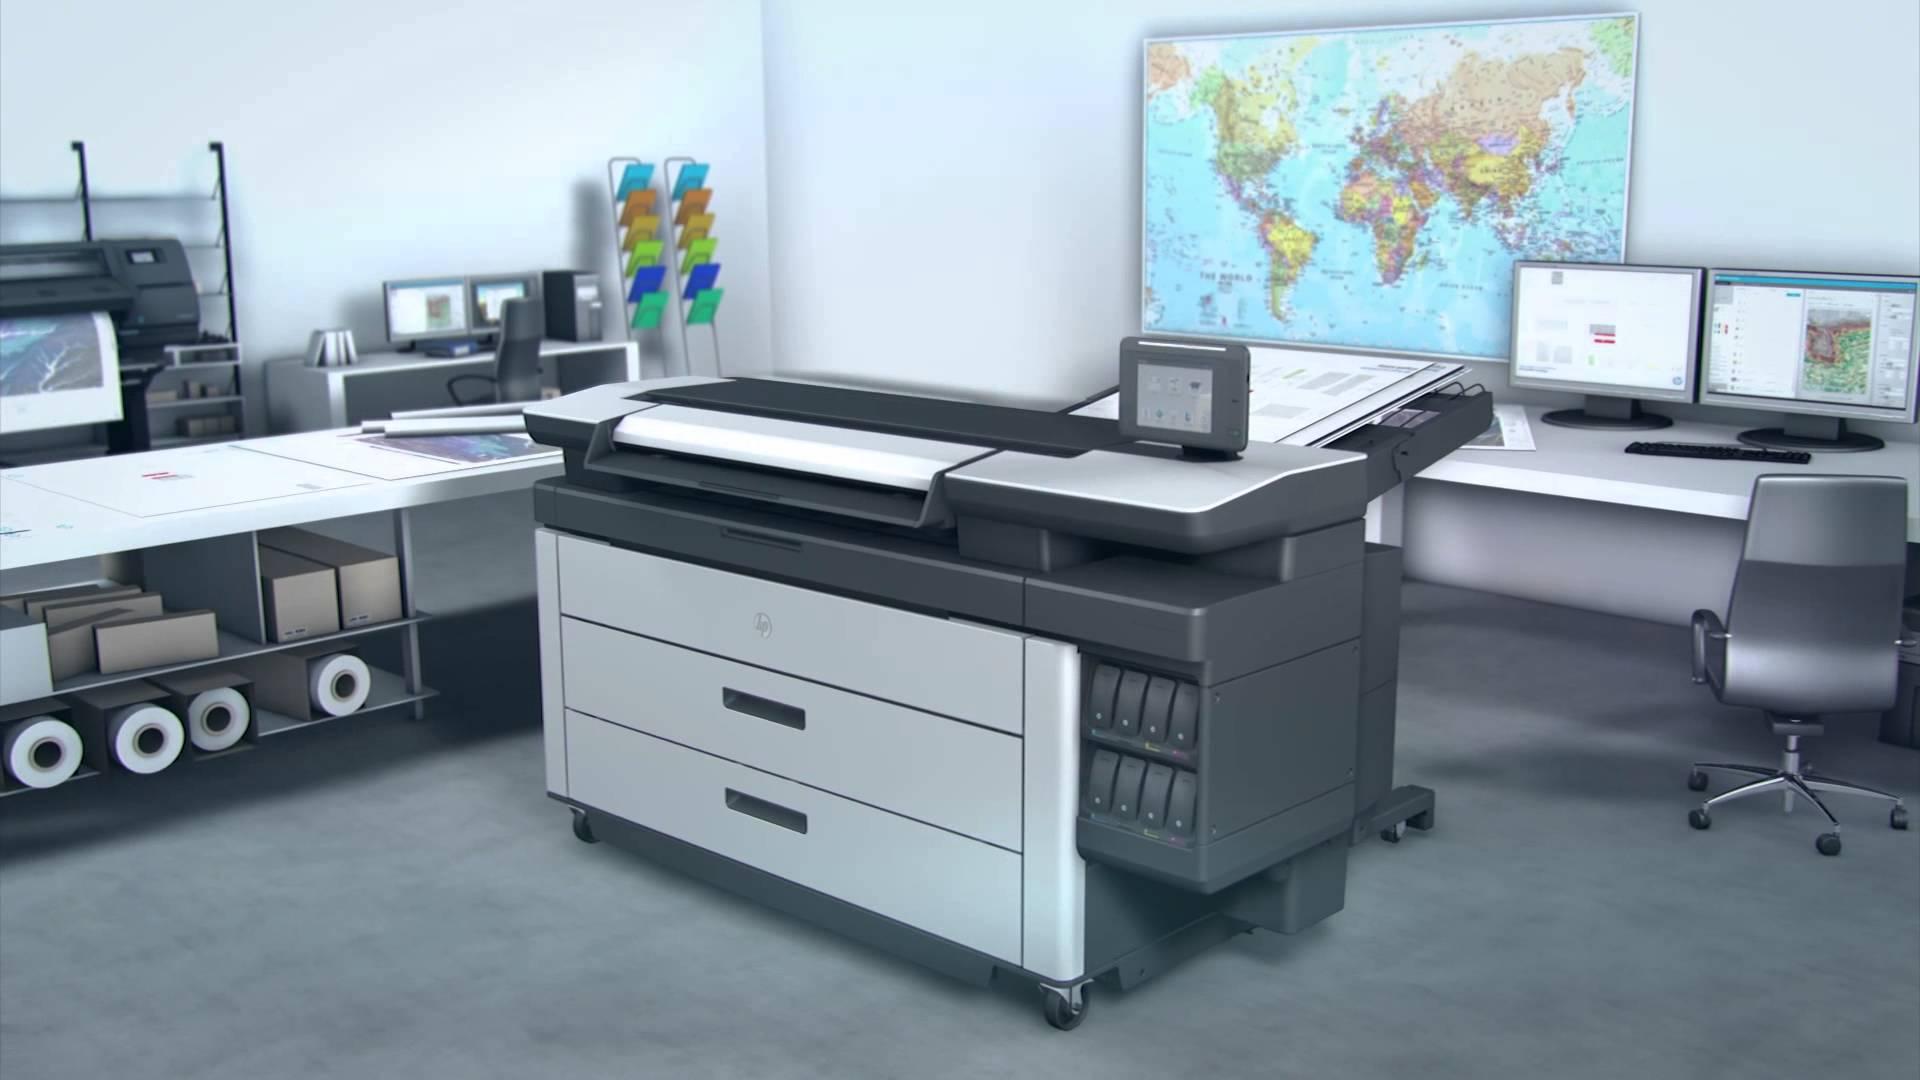 HP công bố loạt máy in khổ A3 thế hệ mới